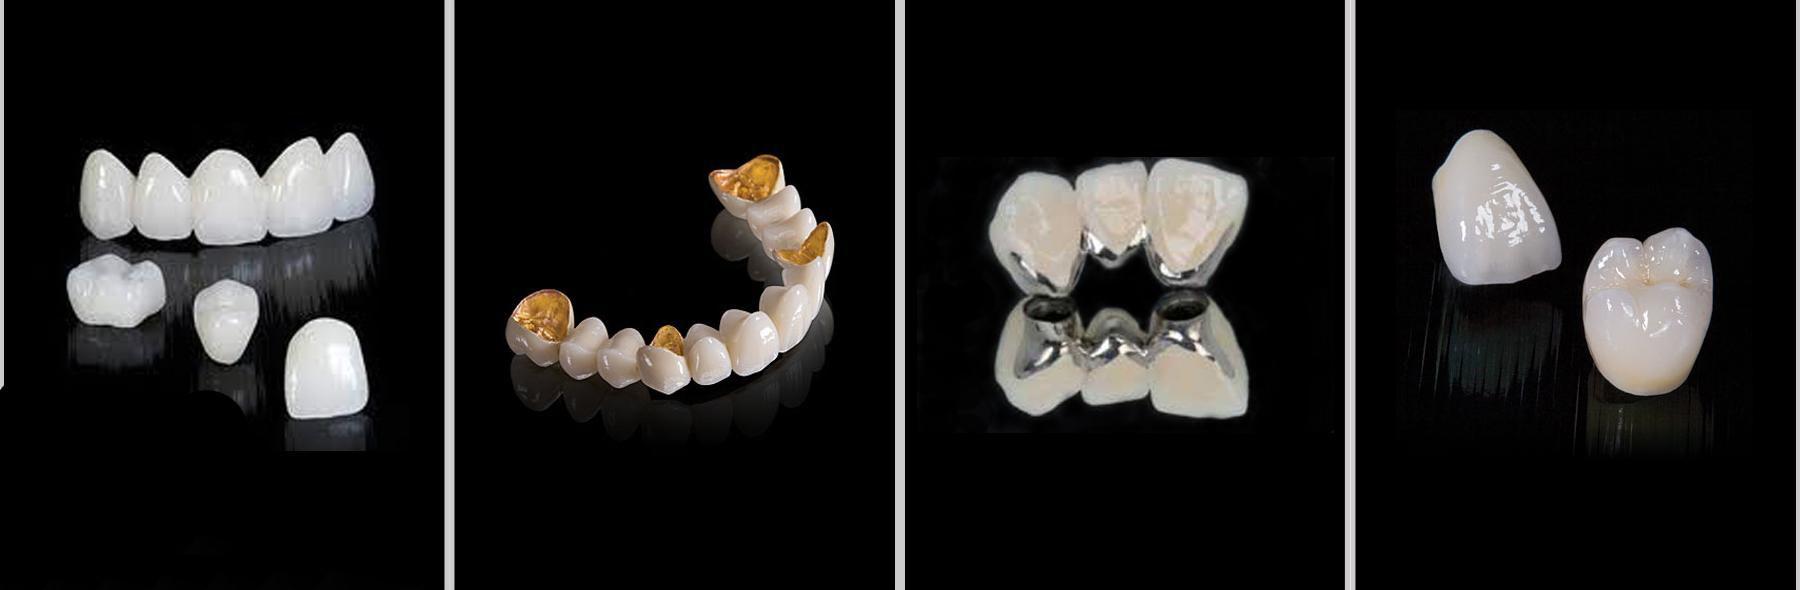 Cách chọn răng sứ loại nào tốt nhất HOÀN HẢO nhất